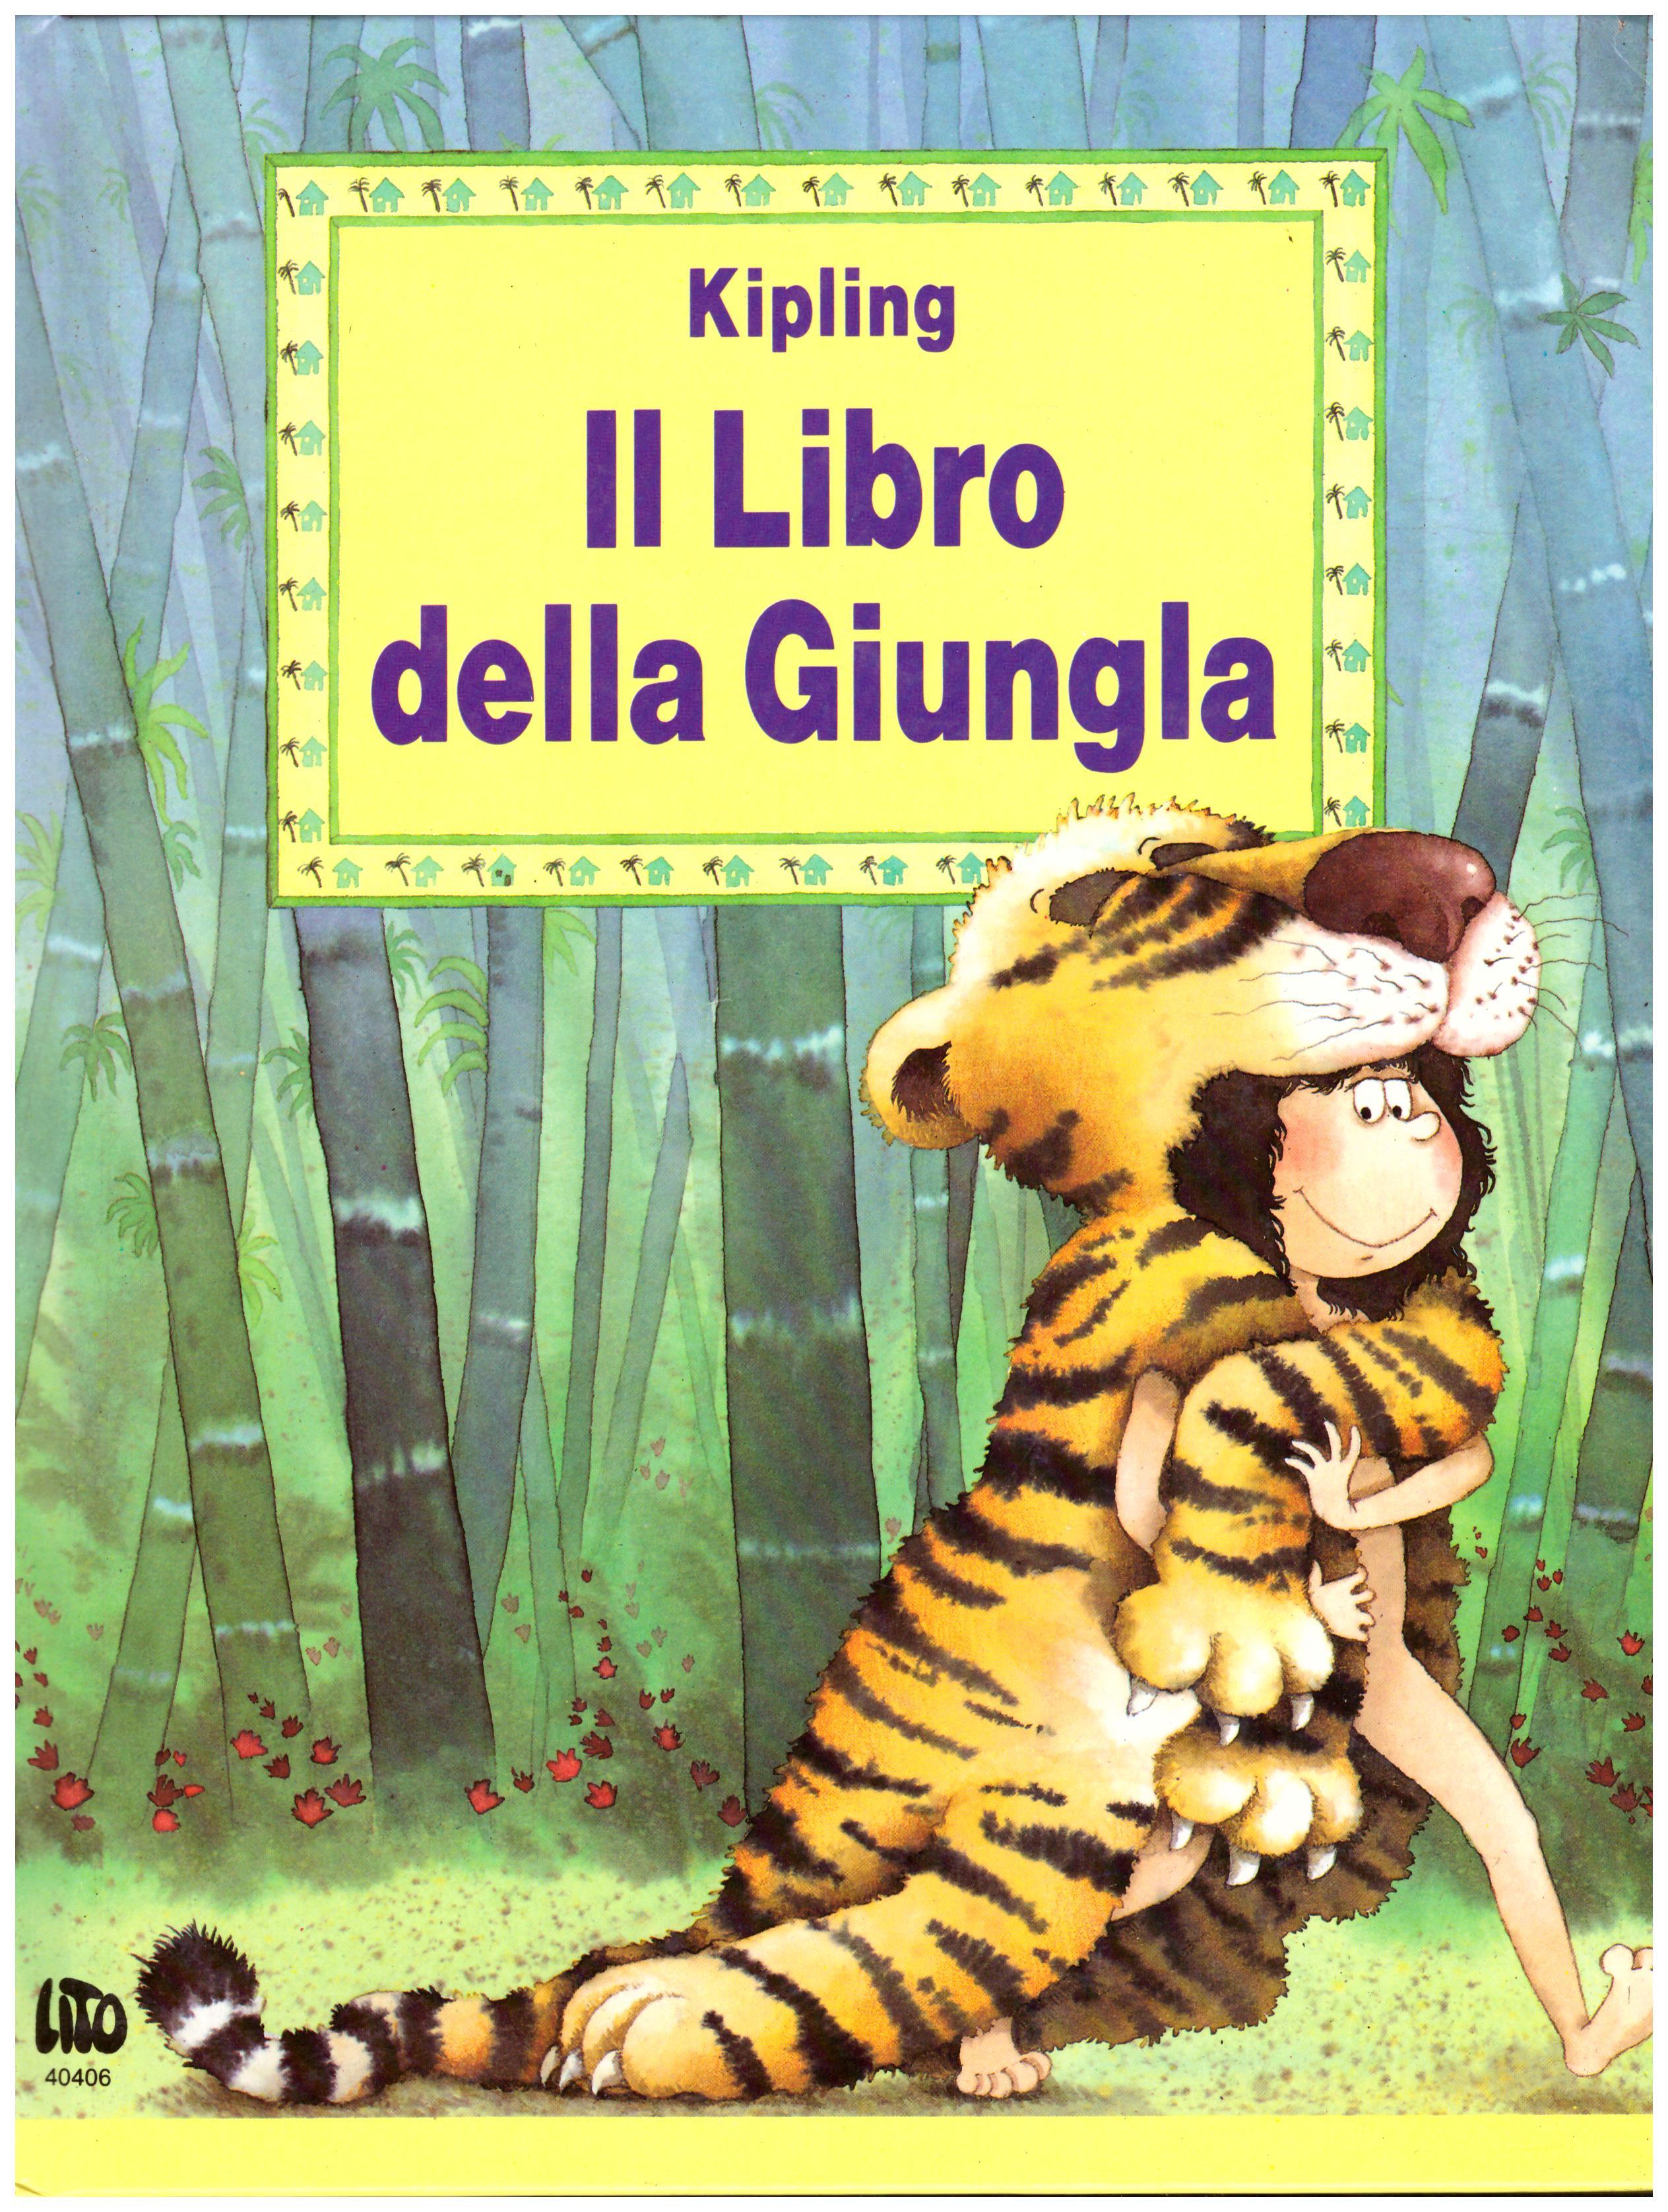 Titolo: Il libro della giungla    Autore: Kipling, traduzione di Maria Paolo De Benedetti, illustrazioni di Valerie Michaut    Editore: LITO 40404